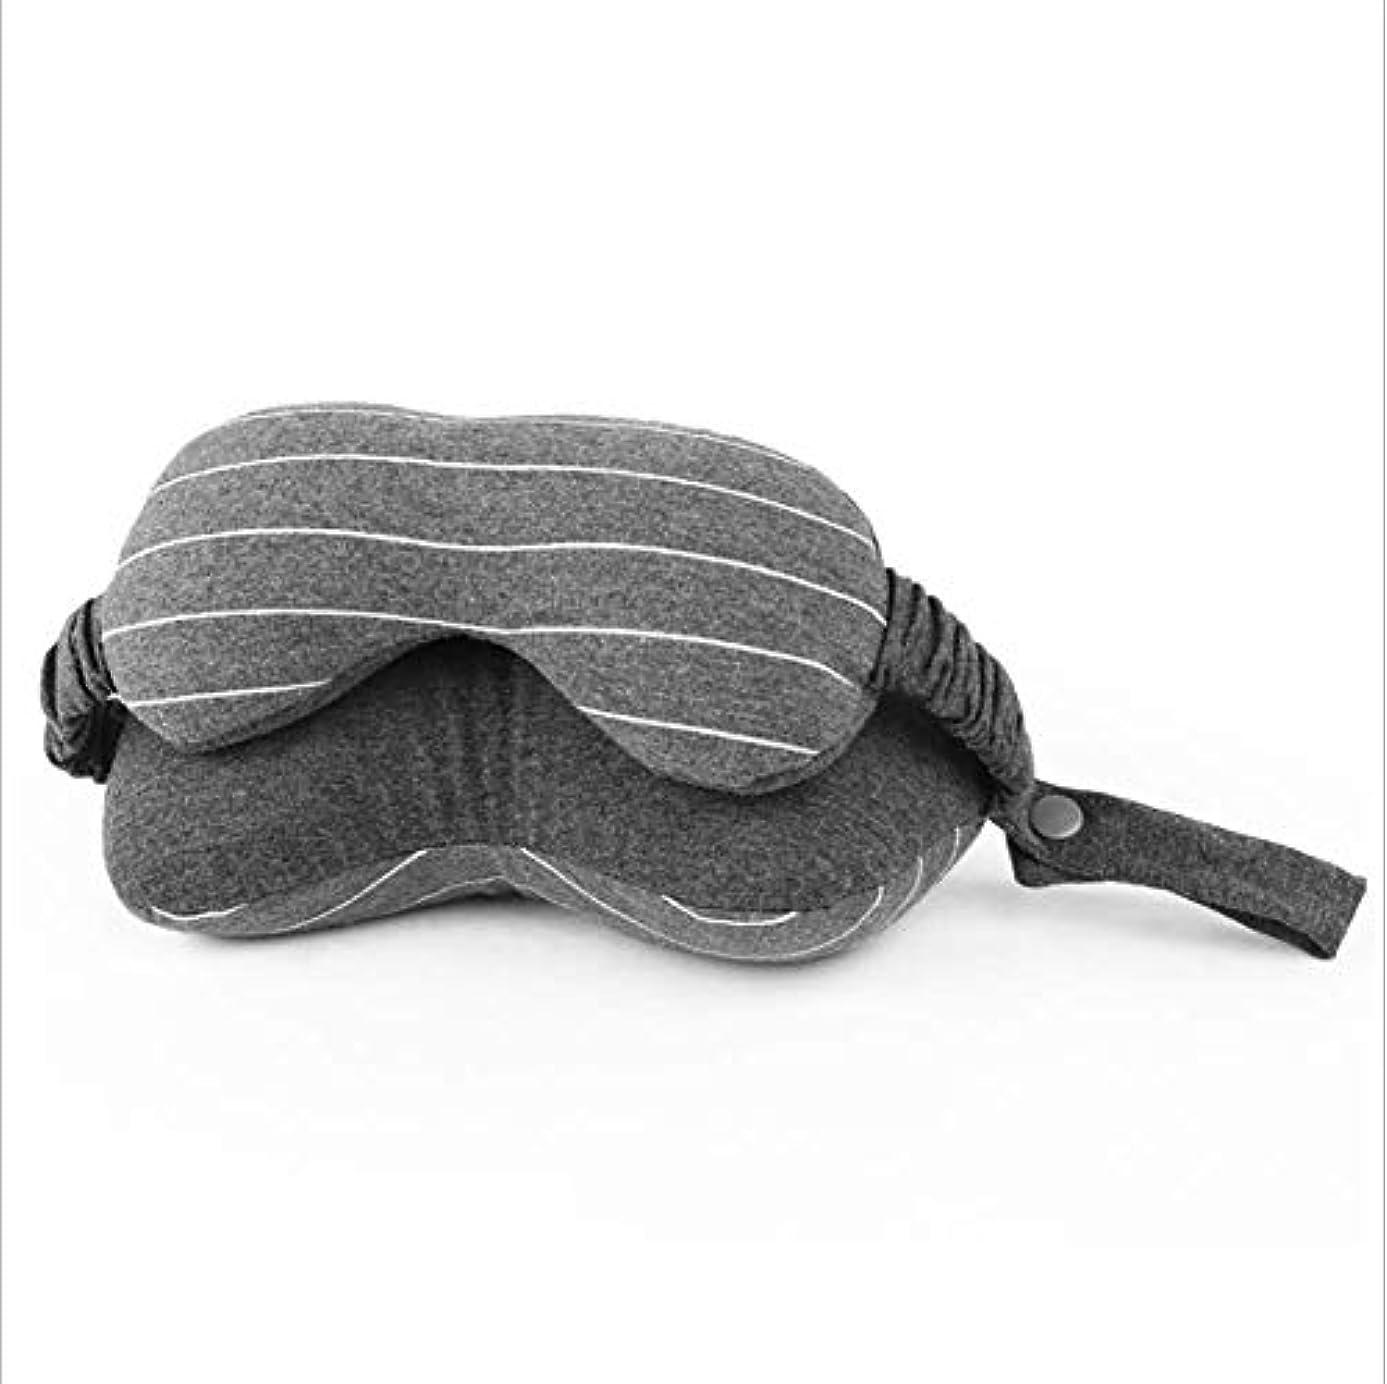 無秩序オーバーフロー何でもアイマスクの枕旅行の睡眠に適していますストレスリリーフユニセックスフルシェーディングソフトで快適な調節可能睡眠に役立ちます